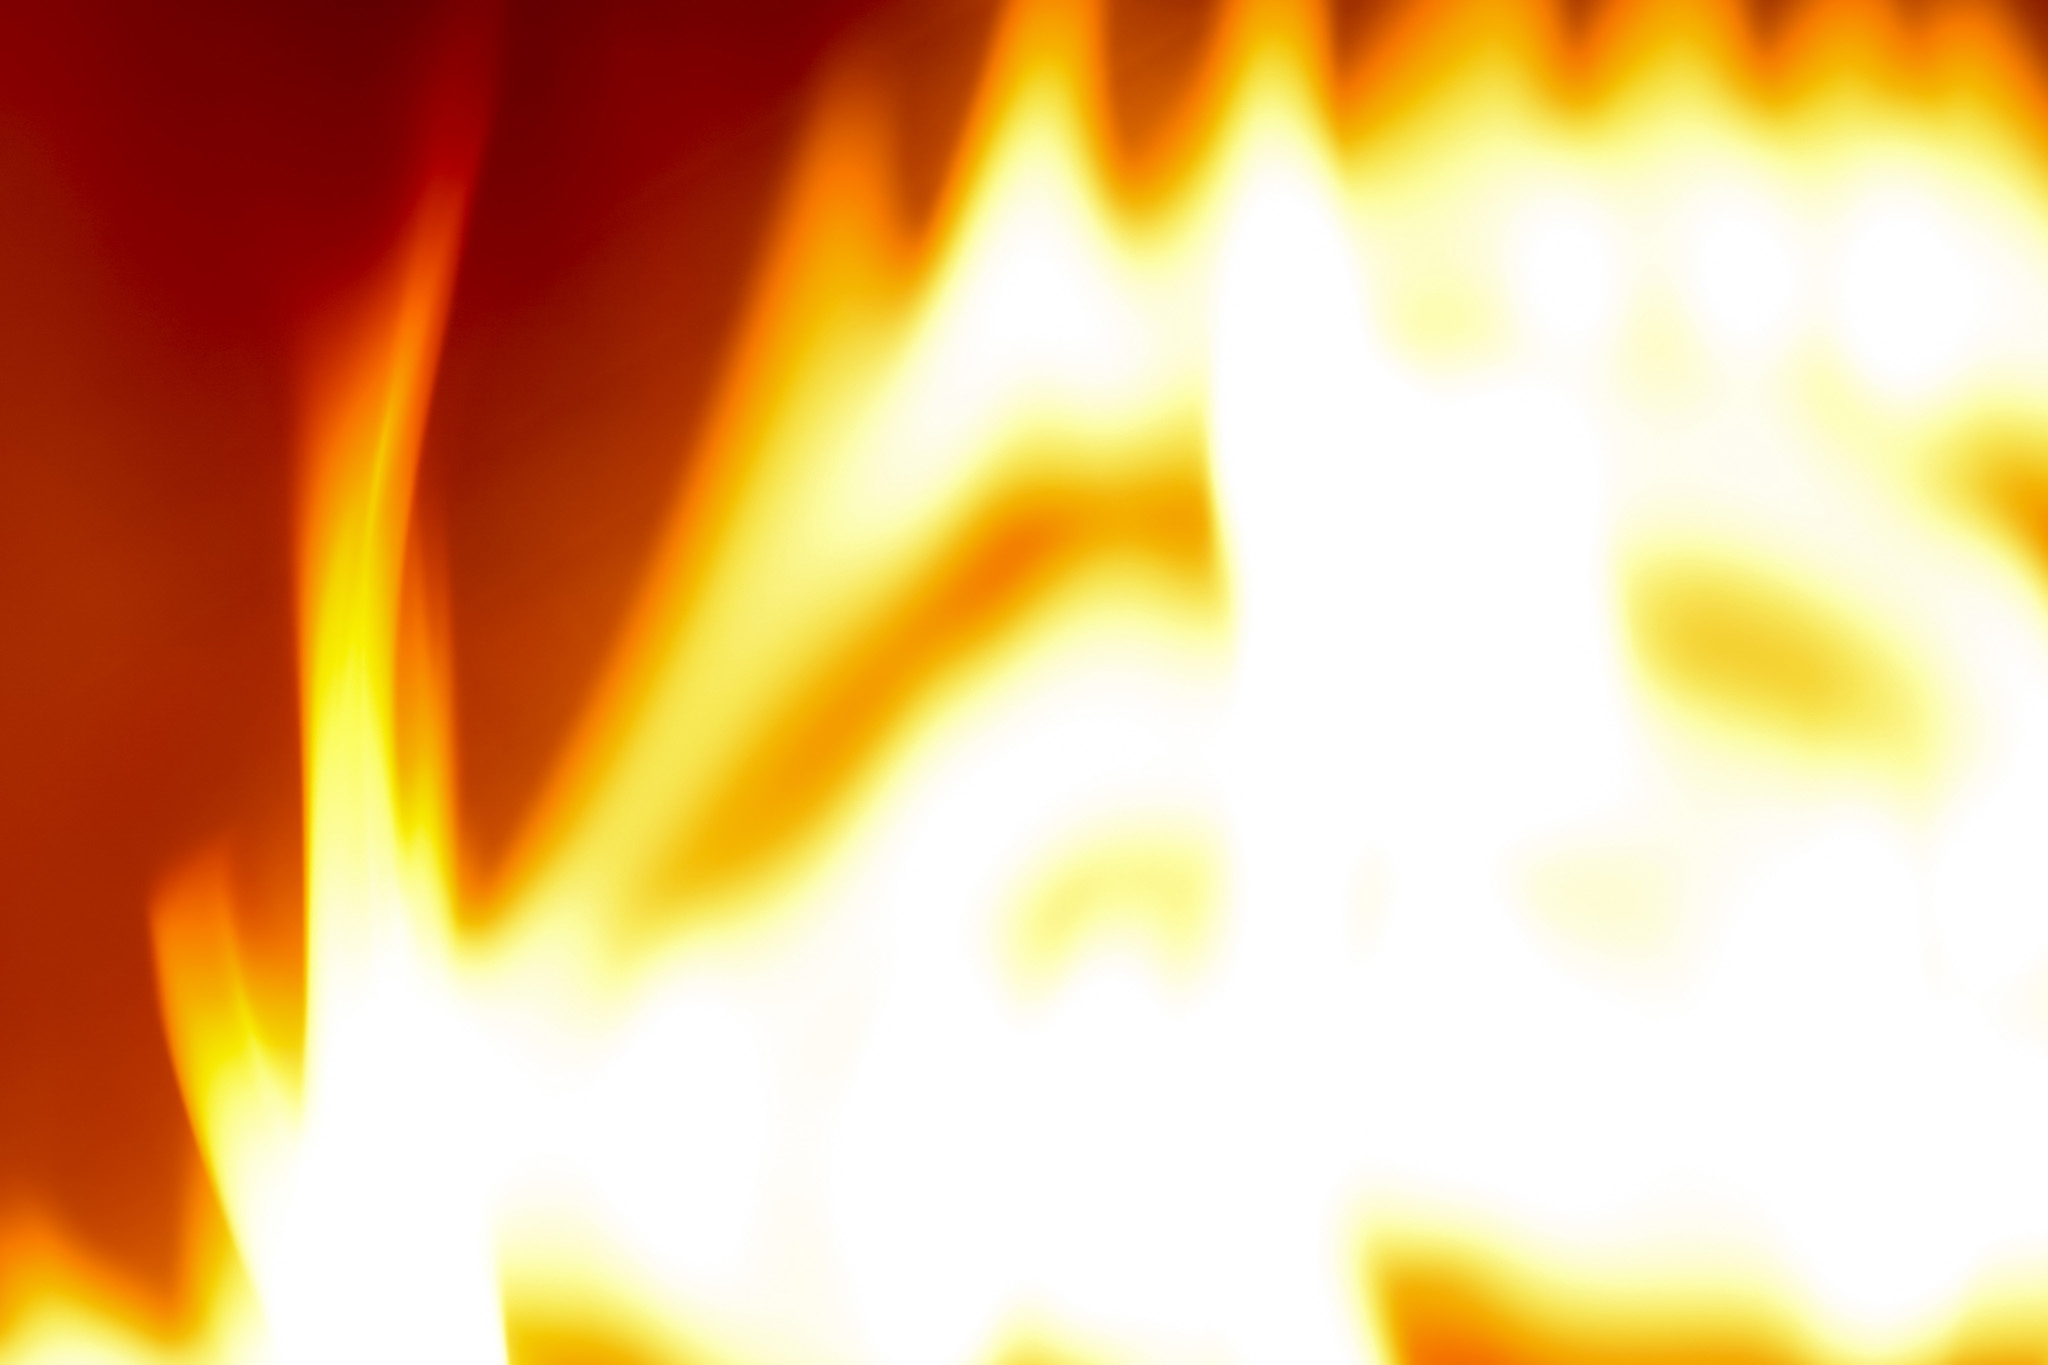 「激しく炎上する炎のテクスチャ」